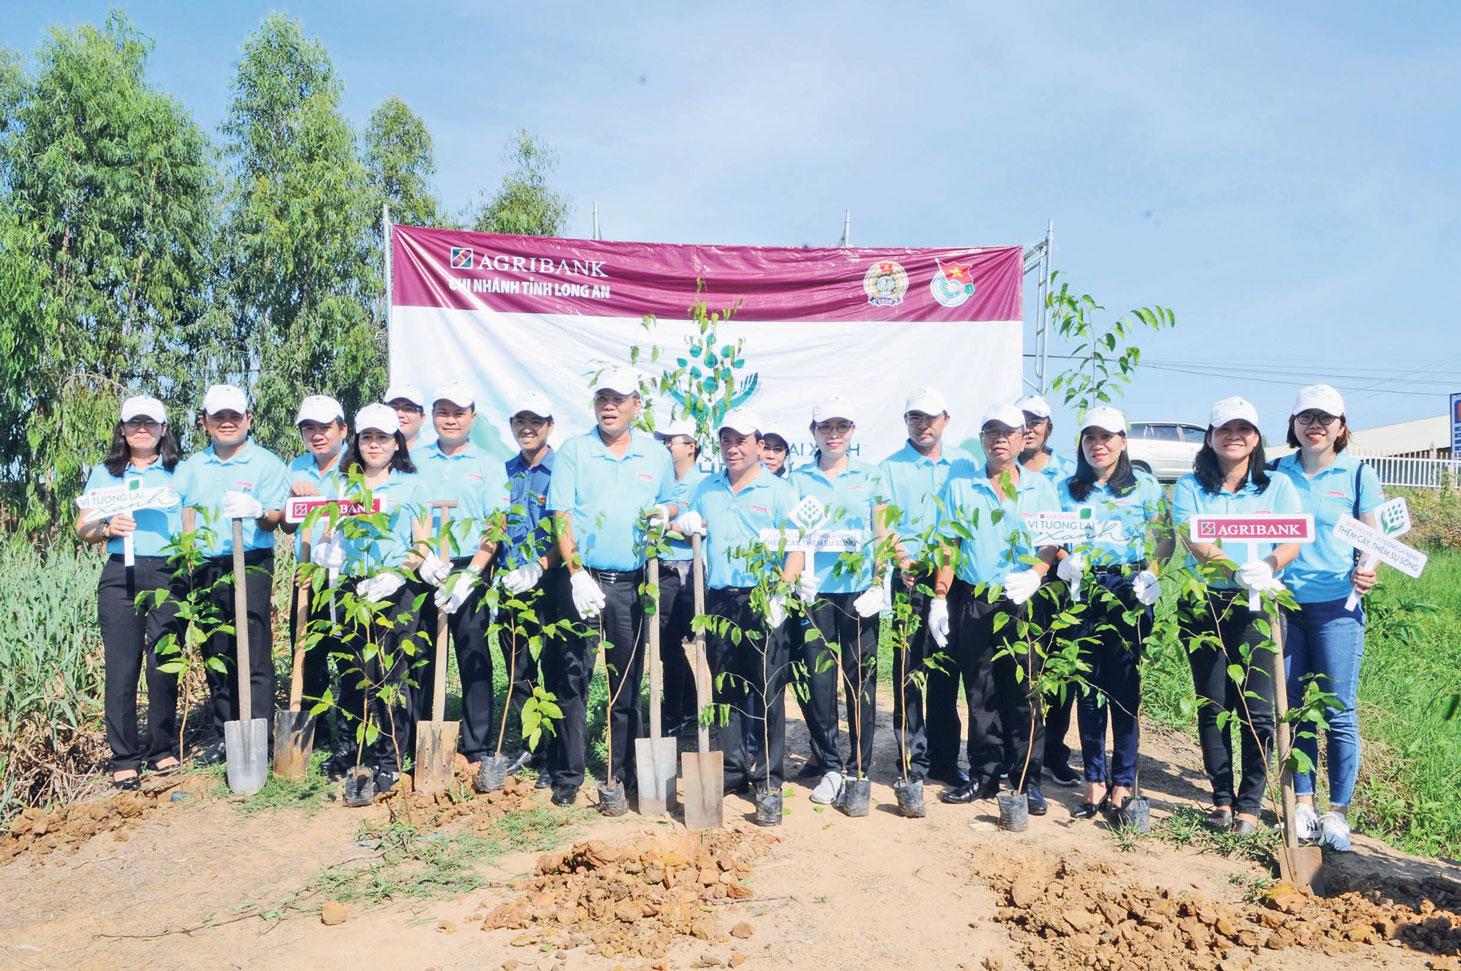 Trồng mới và chăm sóc 2.000 cây xanh tại huyện Mộc hóa, Tân Hưng, Vĩnh Hưng và thị xã  Kiến Tường, với tổng kinh phí 120 triệu đồng